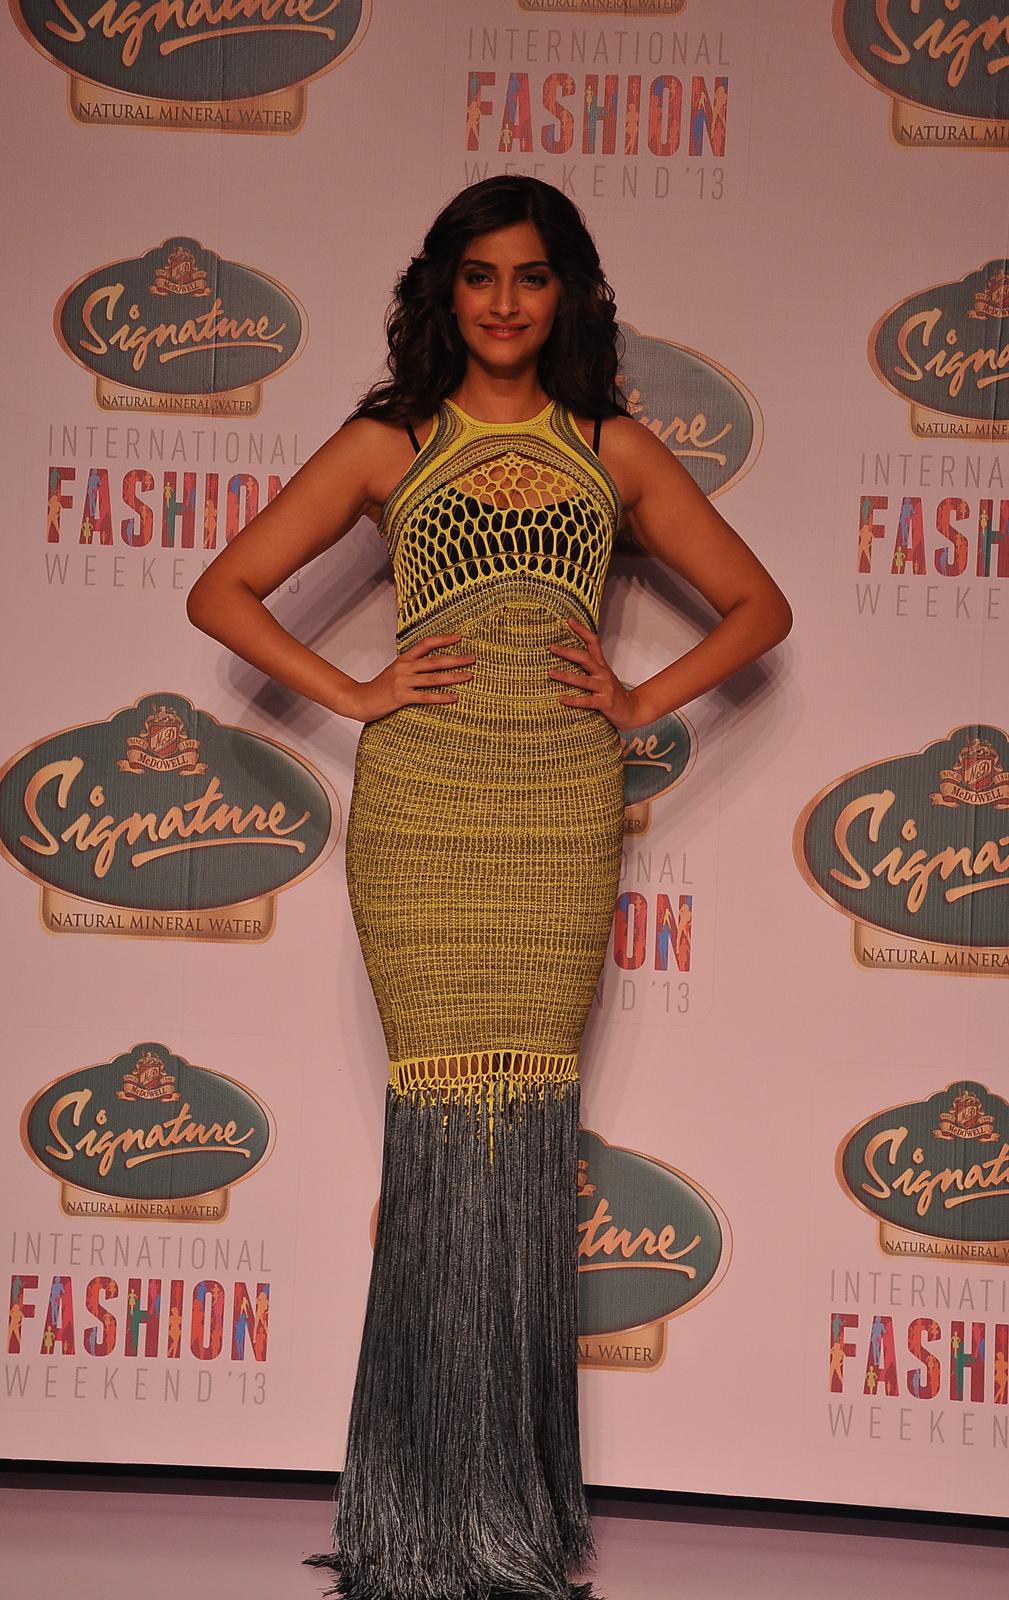 Signature International Fashion Weekend 2013: Jacqueline